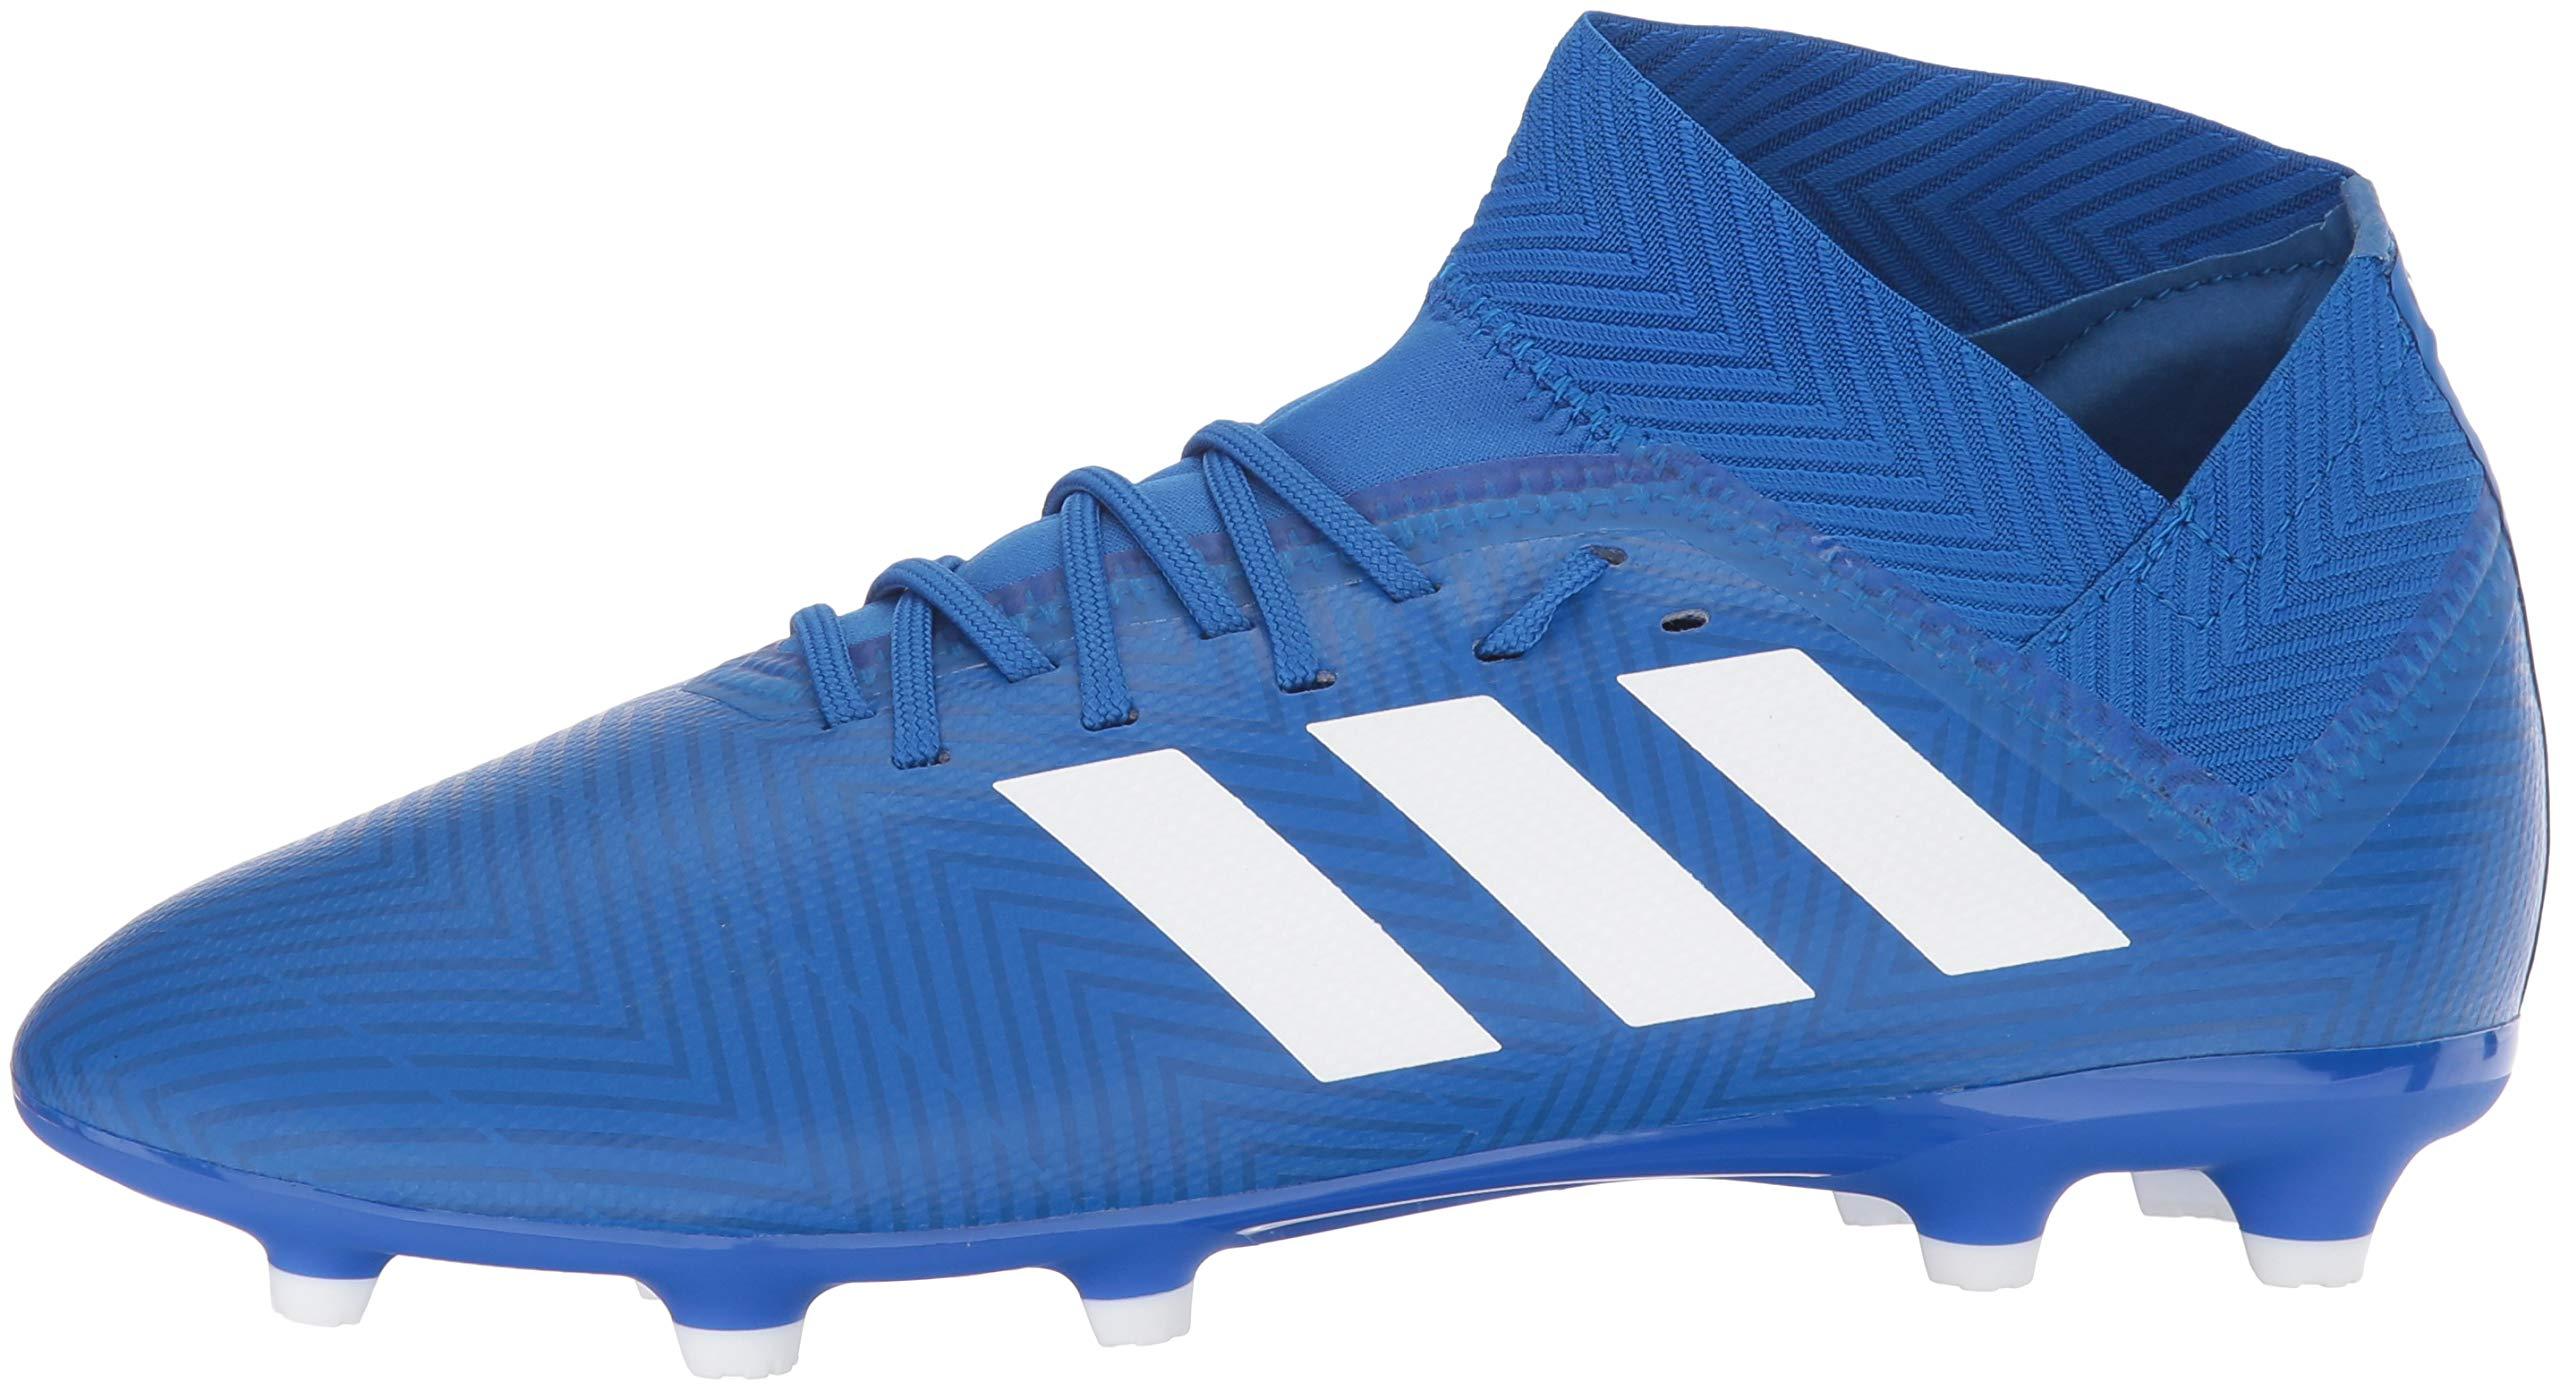 adidas Unisex Nemeziz 18.3 Firm Ground Soccer Shoe, White/Football Blue, 3.5 M US Big Kid by adidas (Image #5)